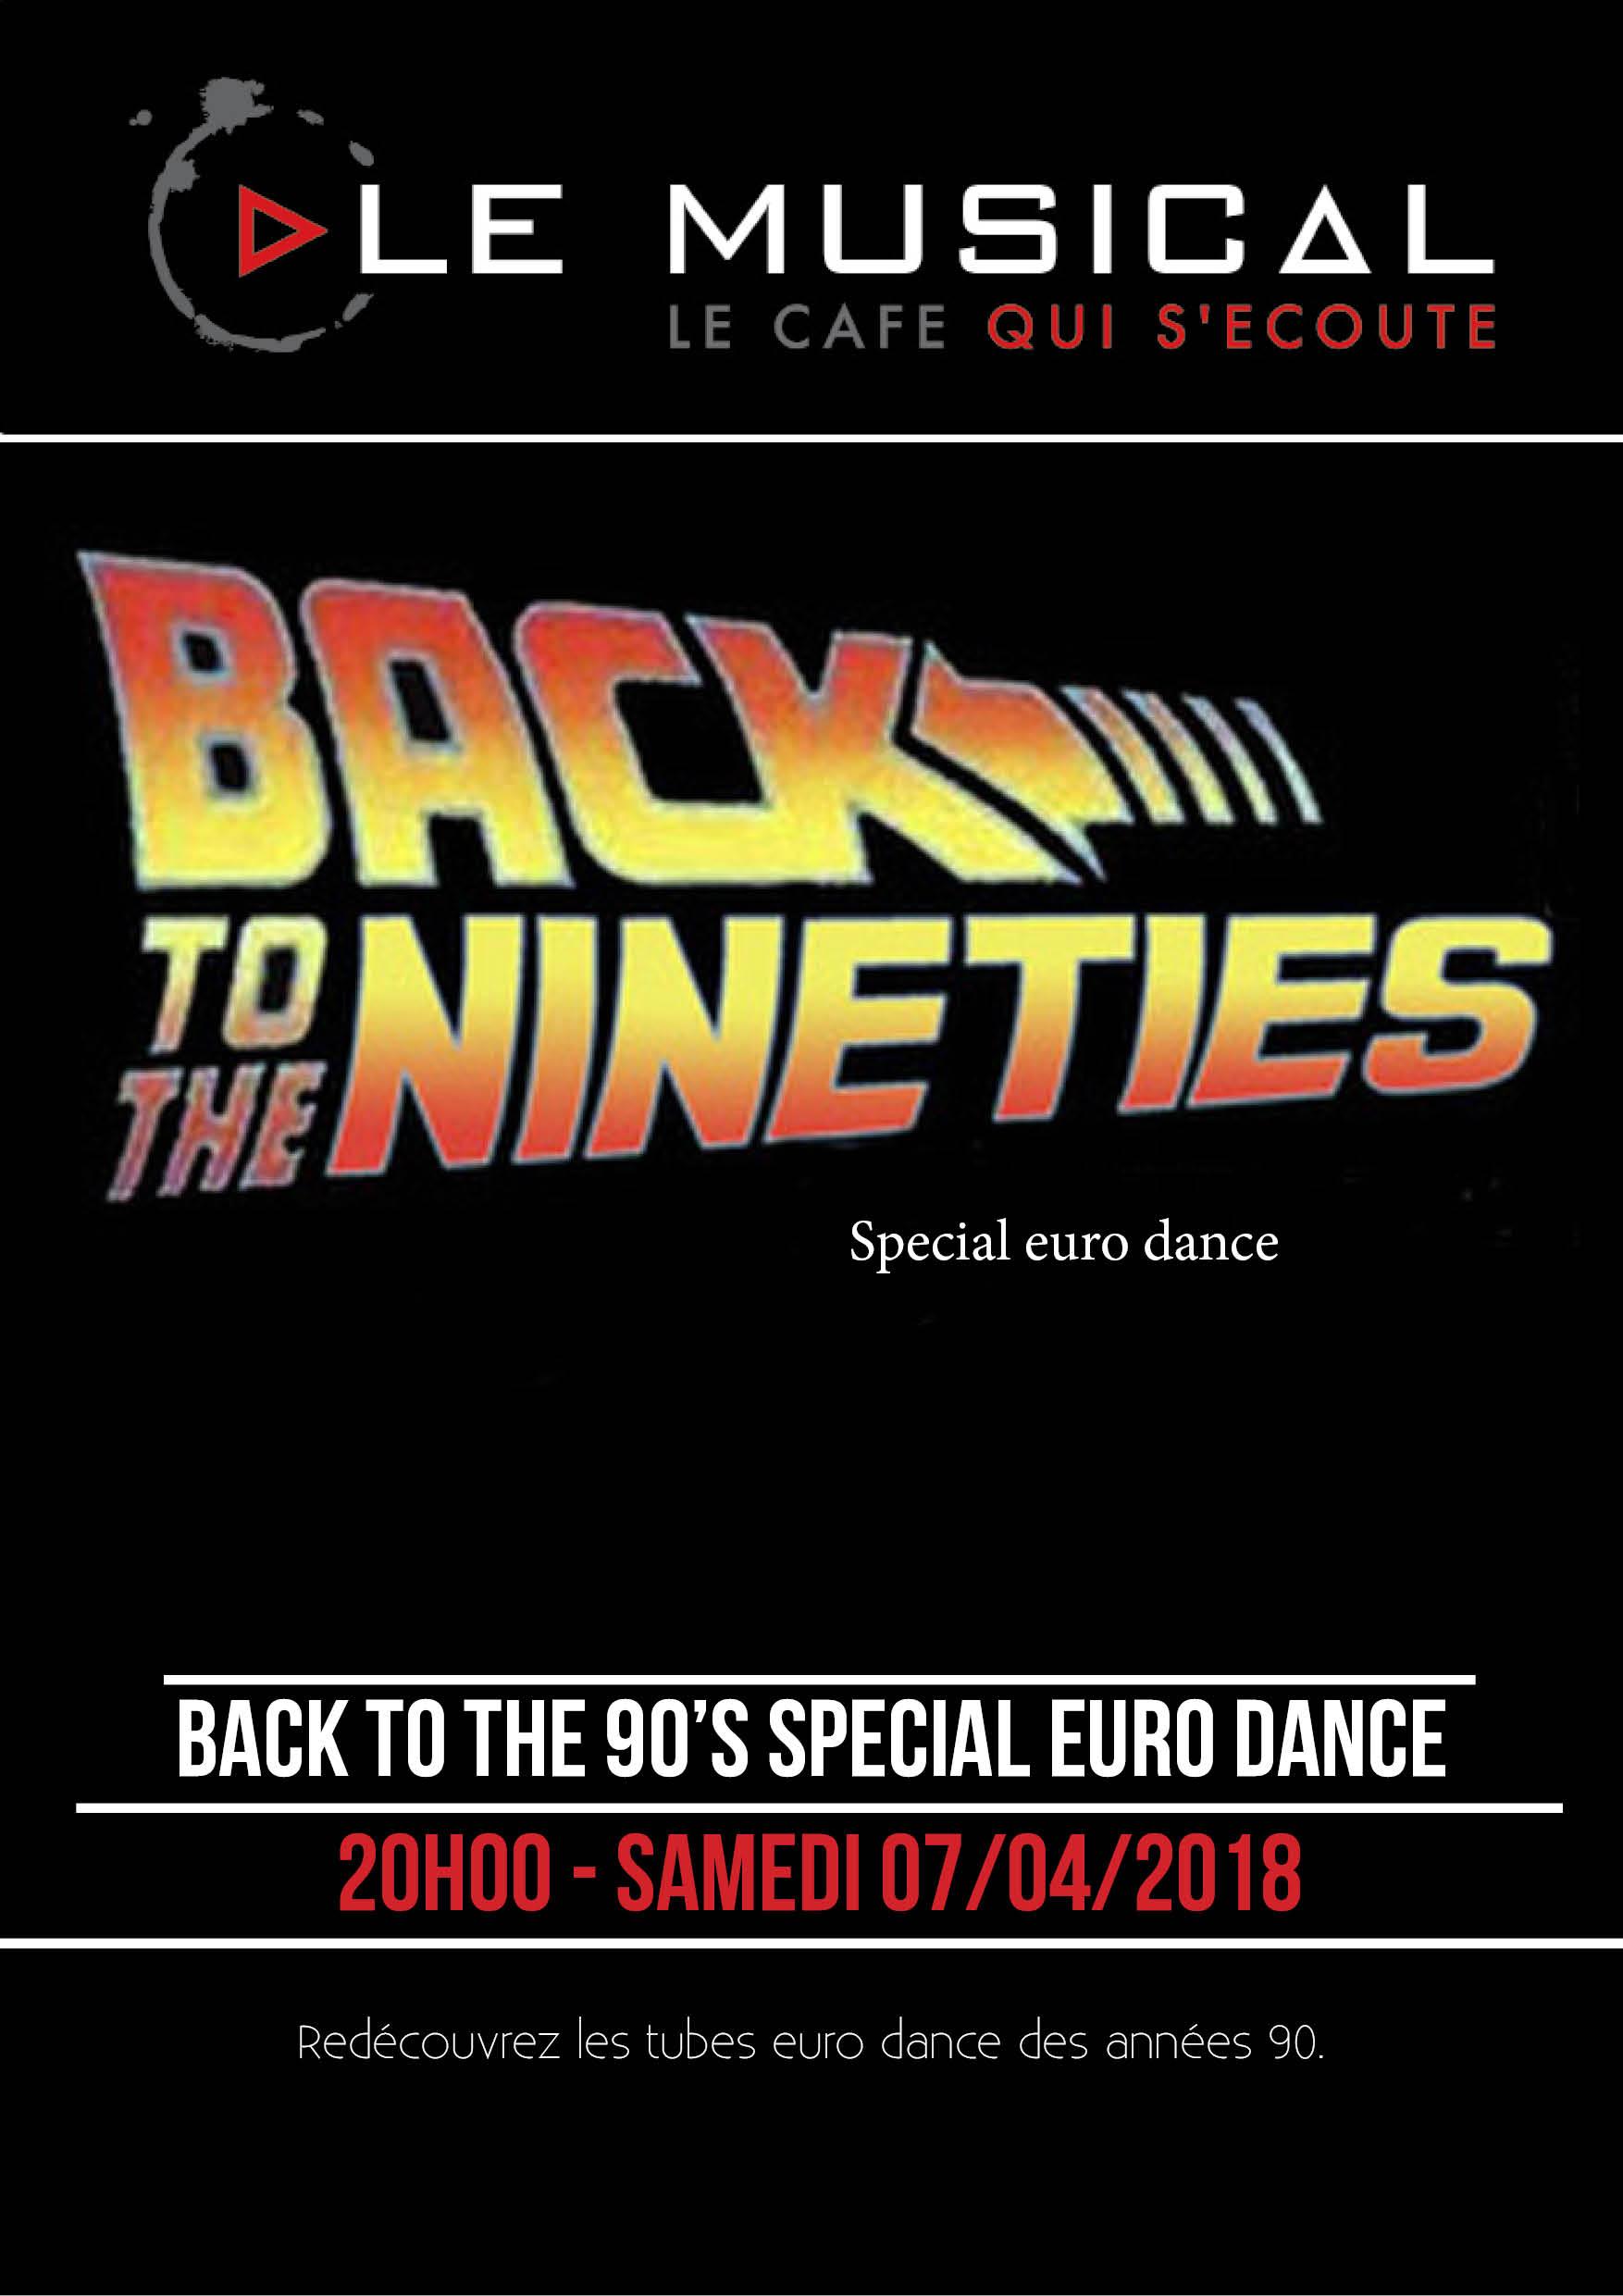 Soirée back to the 90's spéciale euro dance